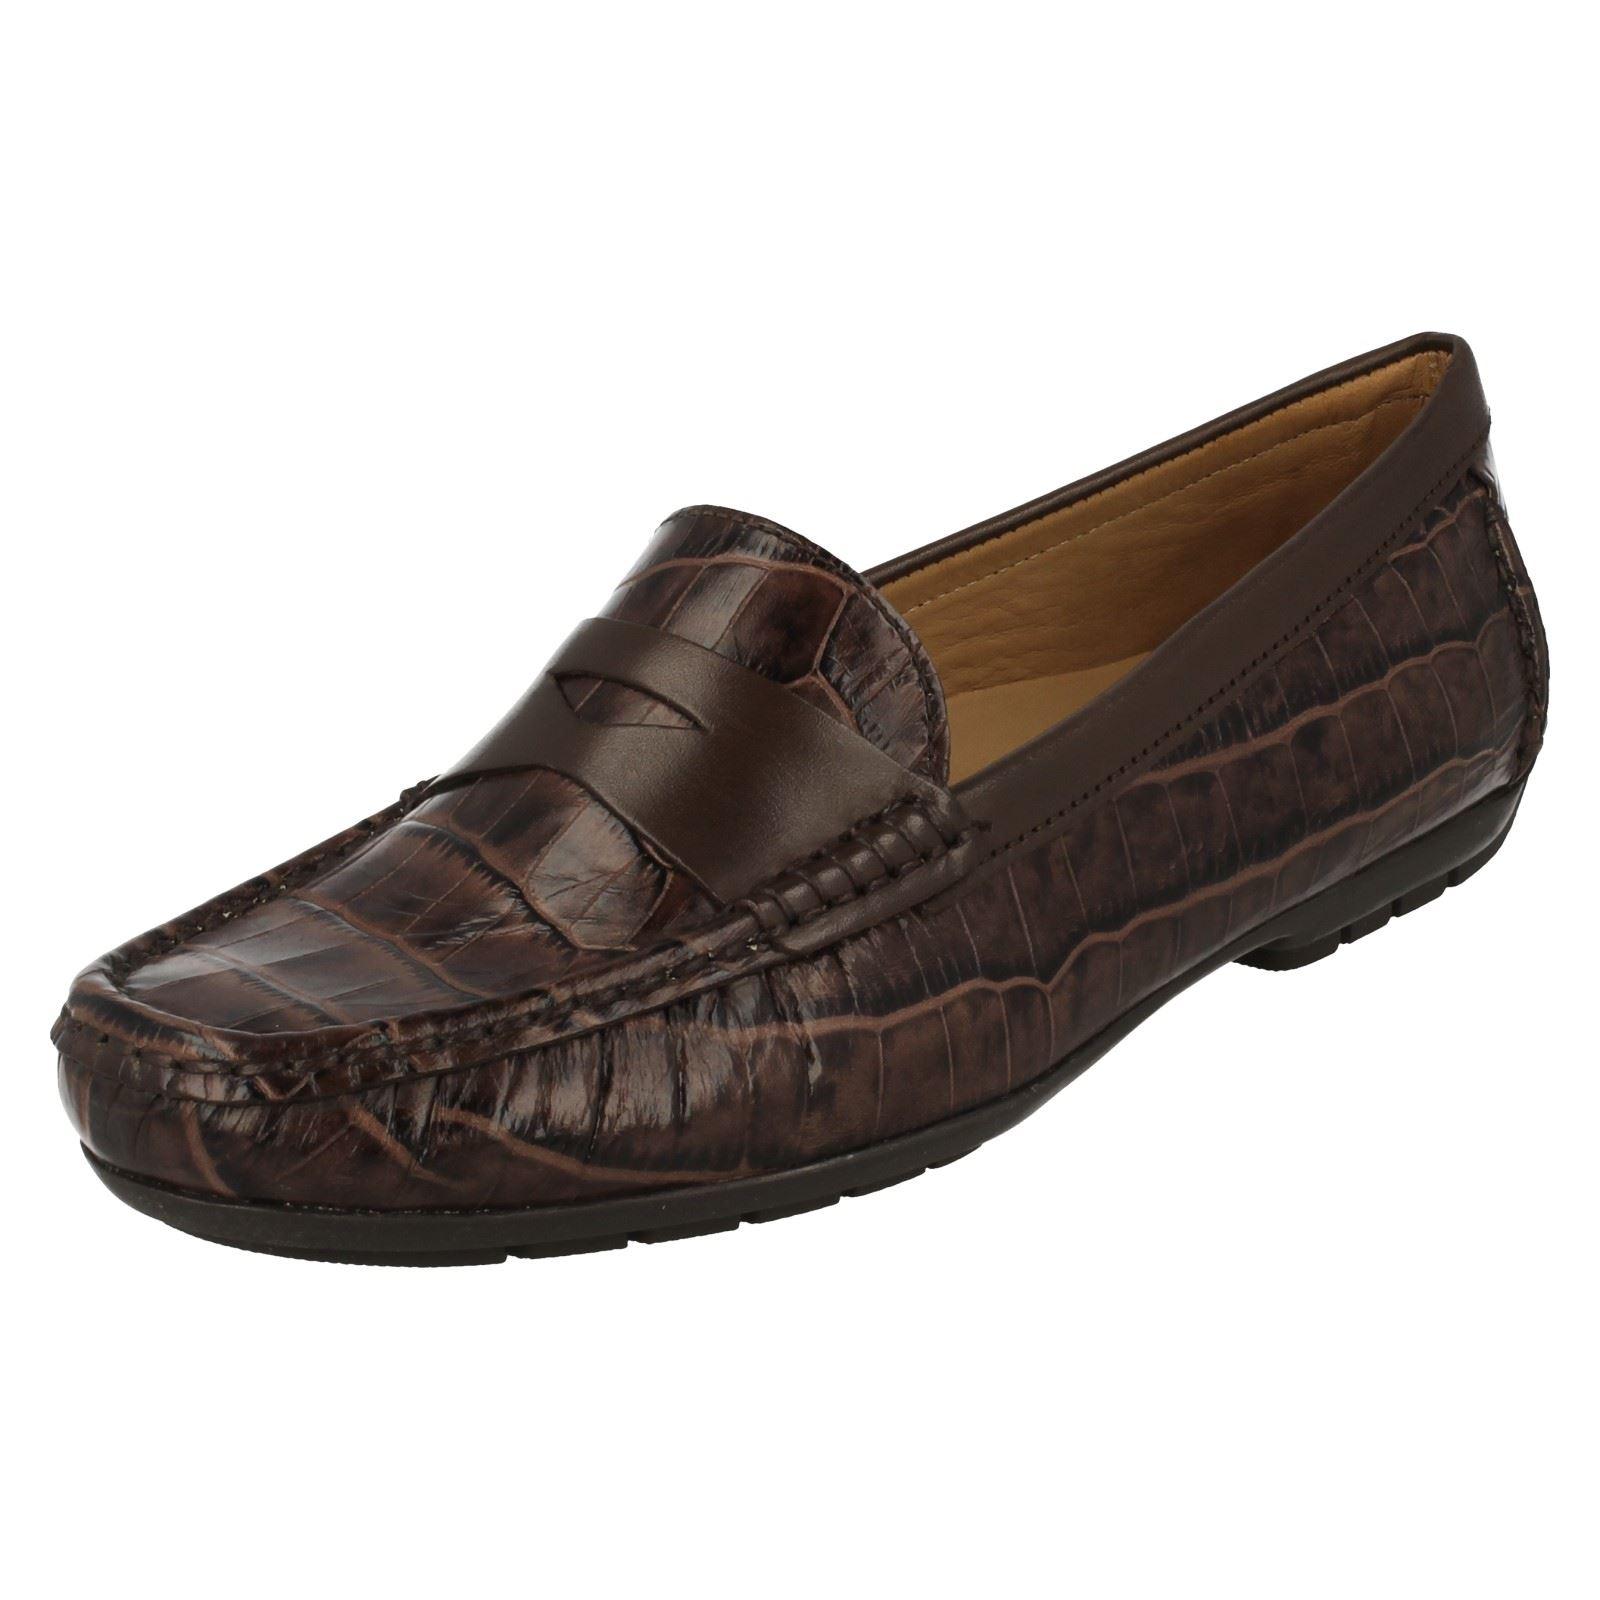 fa149313fb28 Ladies Van Dal Smart Leather Loafers Lisle